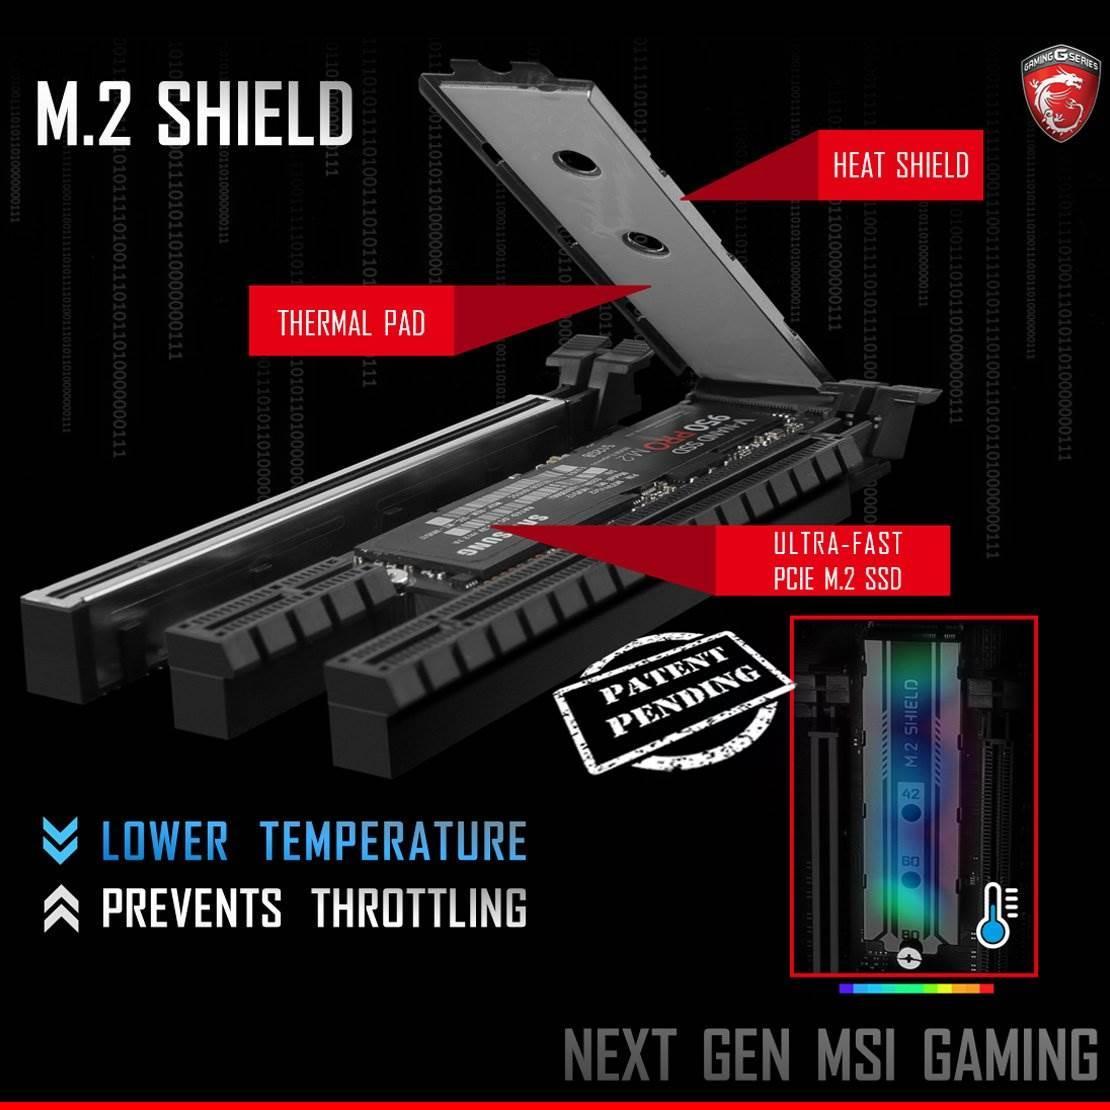 MSI SSD'ler için tasarladığı yeni soğutma çözümünü duyurdu